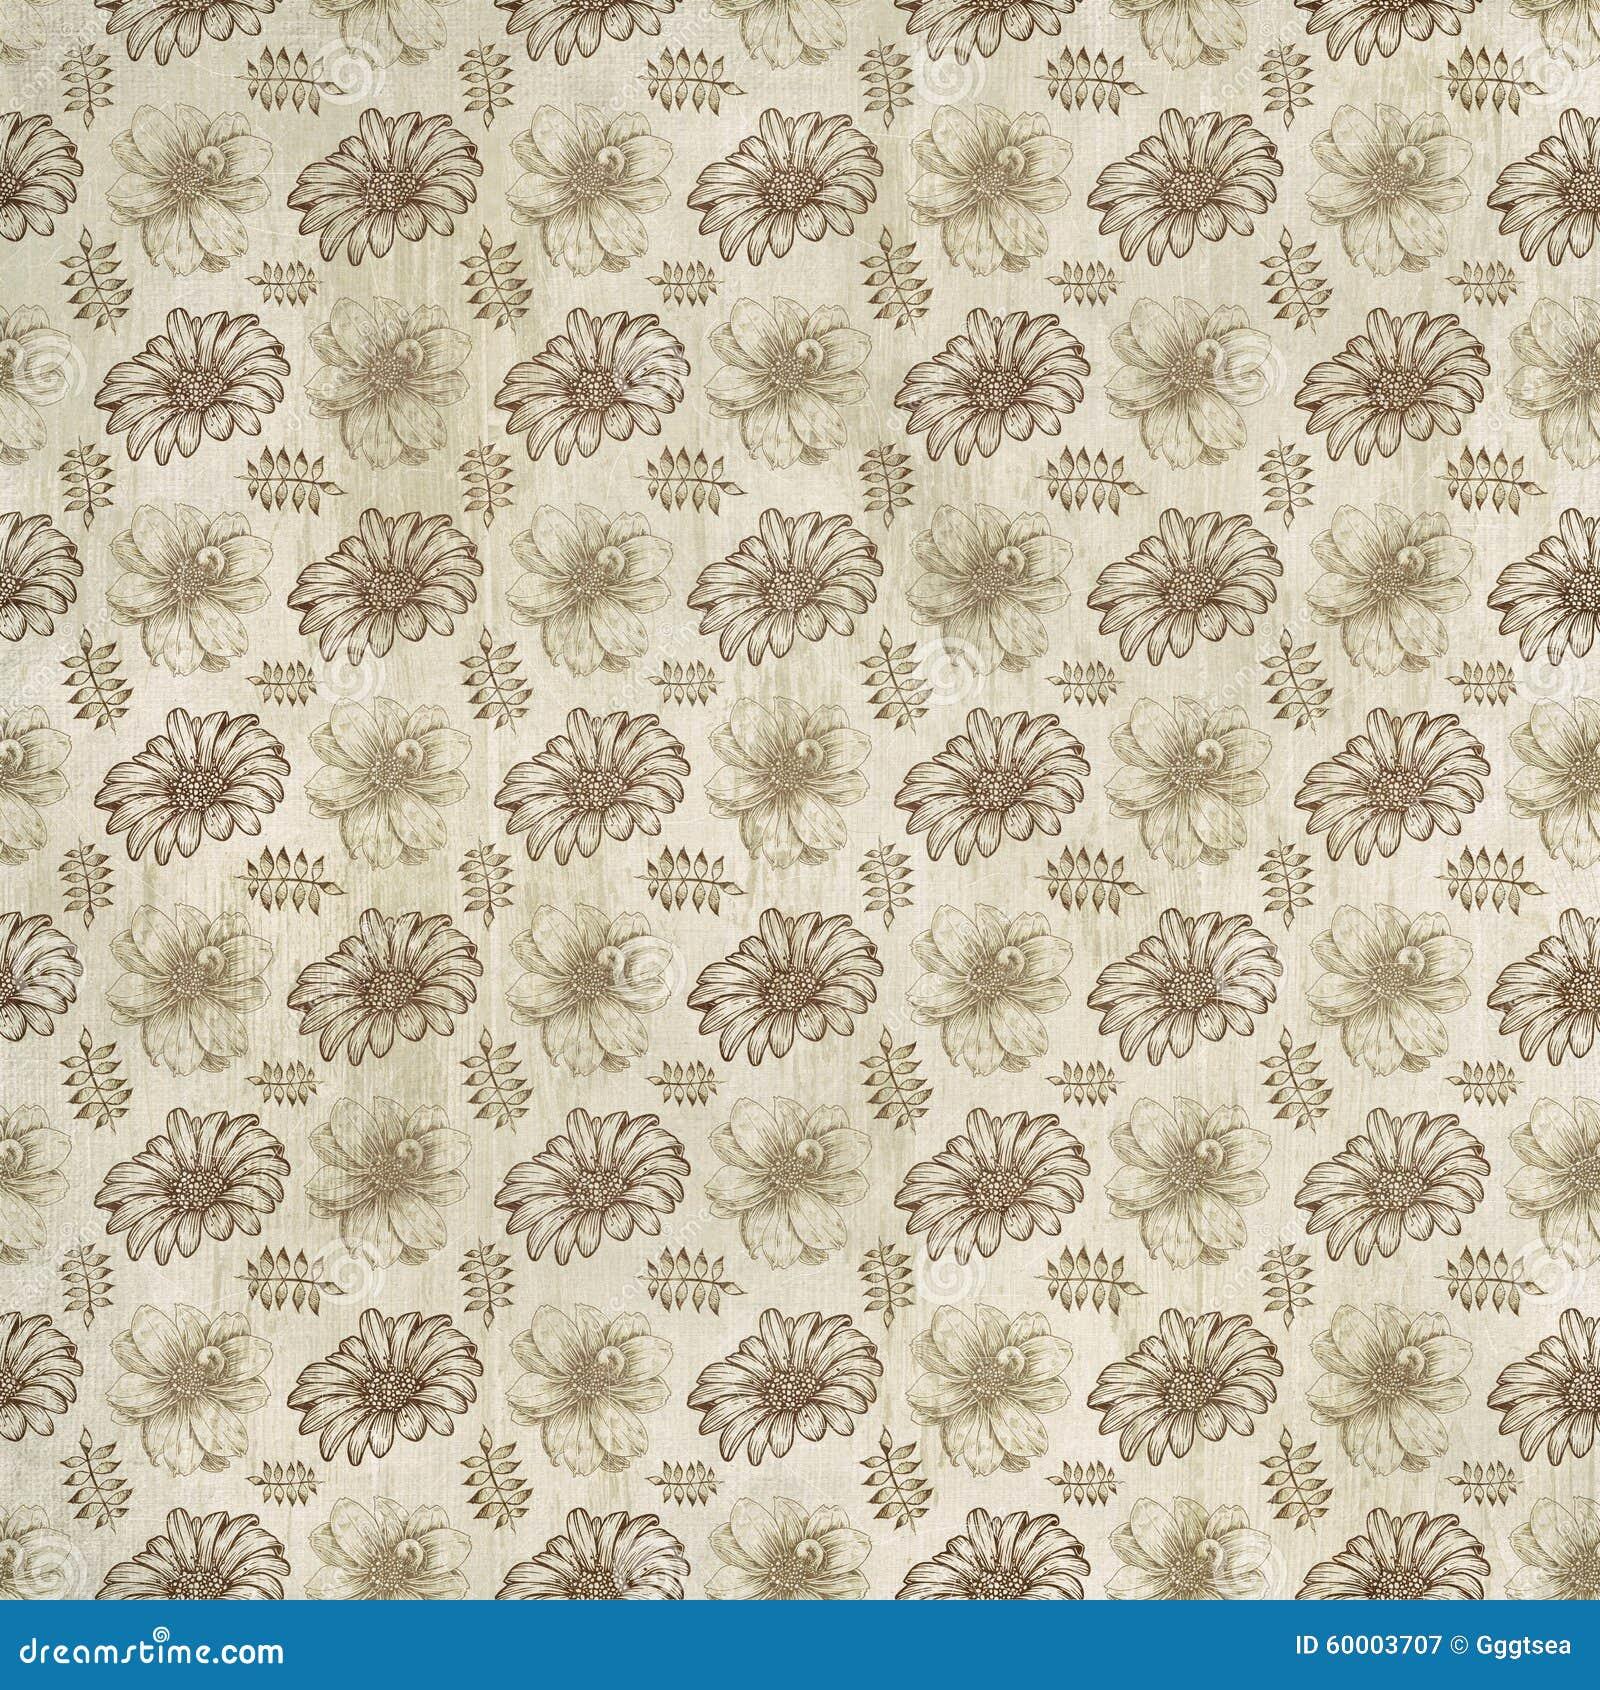 Old Floral Paper Wallpaper Stock Illustration Illustration Of